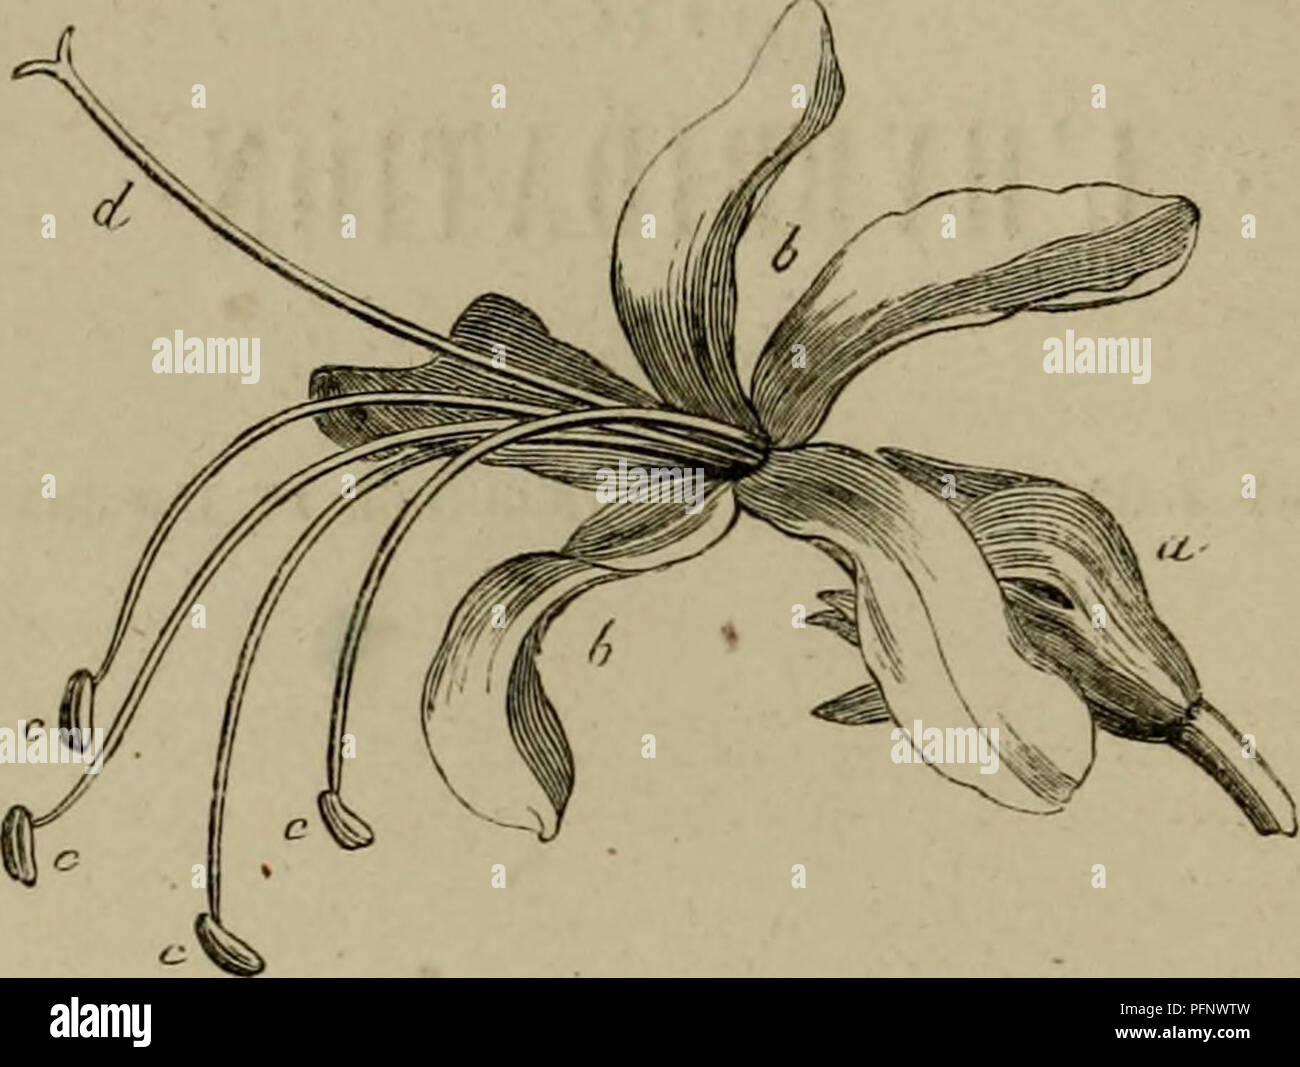 . De la fécondation naturelle et artificielle des végétaux et de l'hybridation, considérée dans ses rapports avec l'horticulture, l'agriculture et la sylviculture, contenant les moyens pratiques d'opérer l'hybridation et de créer facilement des variétés nouvelles. La fertilisation des plantes; l'hybridation des plantes. 'J'FÃCONDATION VÃGÃTAUX. NATURELLE DES cer les organes qu'ils supportent à la hauteur la plus ctiver- pour que le pollen du contact avec le stigmate puisse avoir lieu. Le périgone en simple ou double entoure les organes sexuels, et sert à les à les garantir, diccionario español des vents Photo Stock